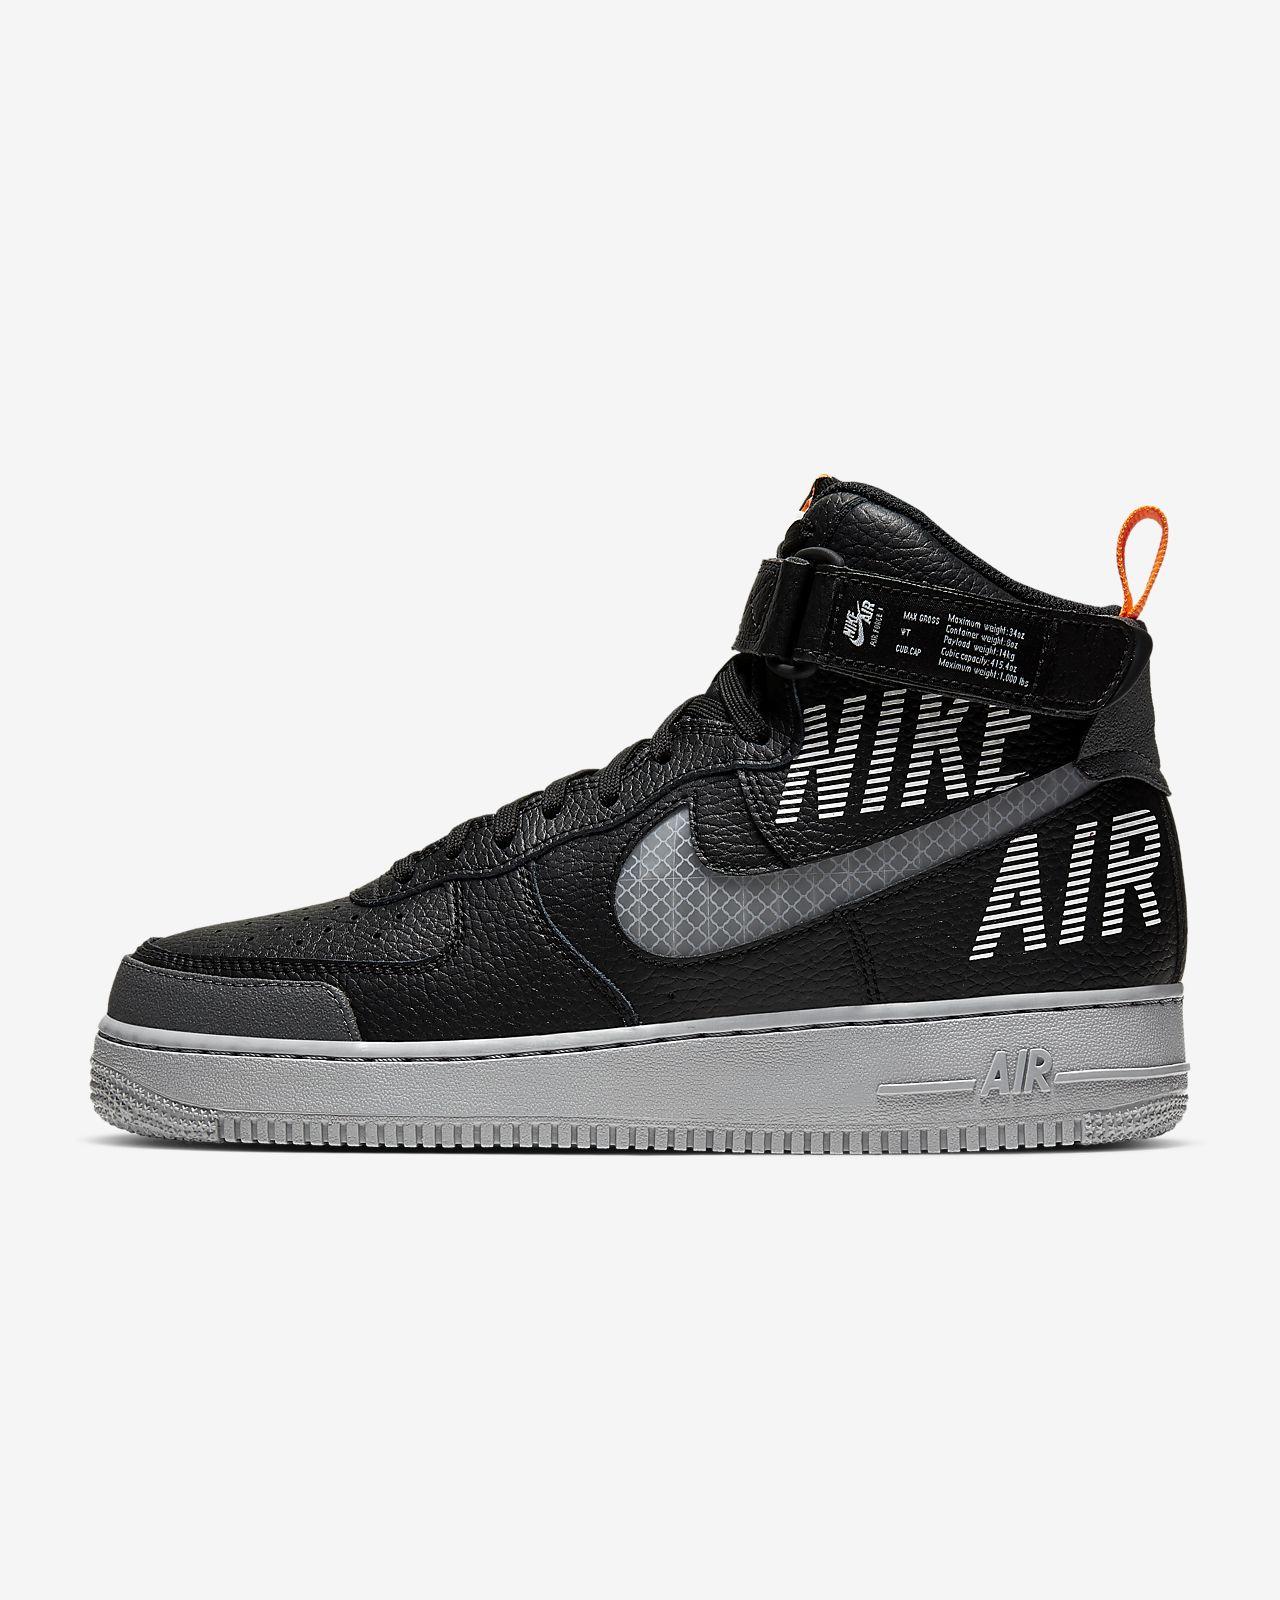 Sapatilhas Nike Air Force 1 High '07 LV8 2 para homem